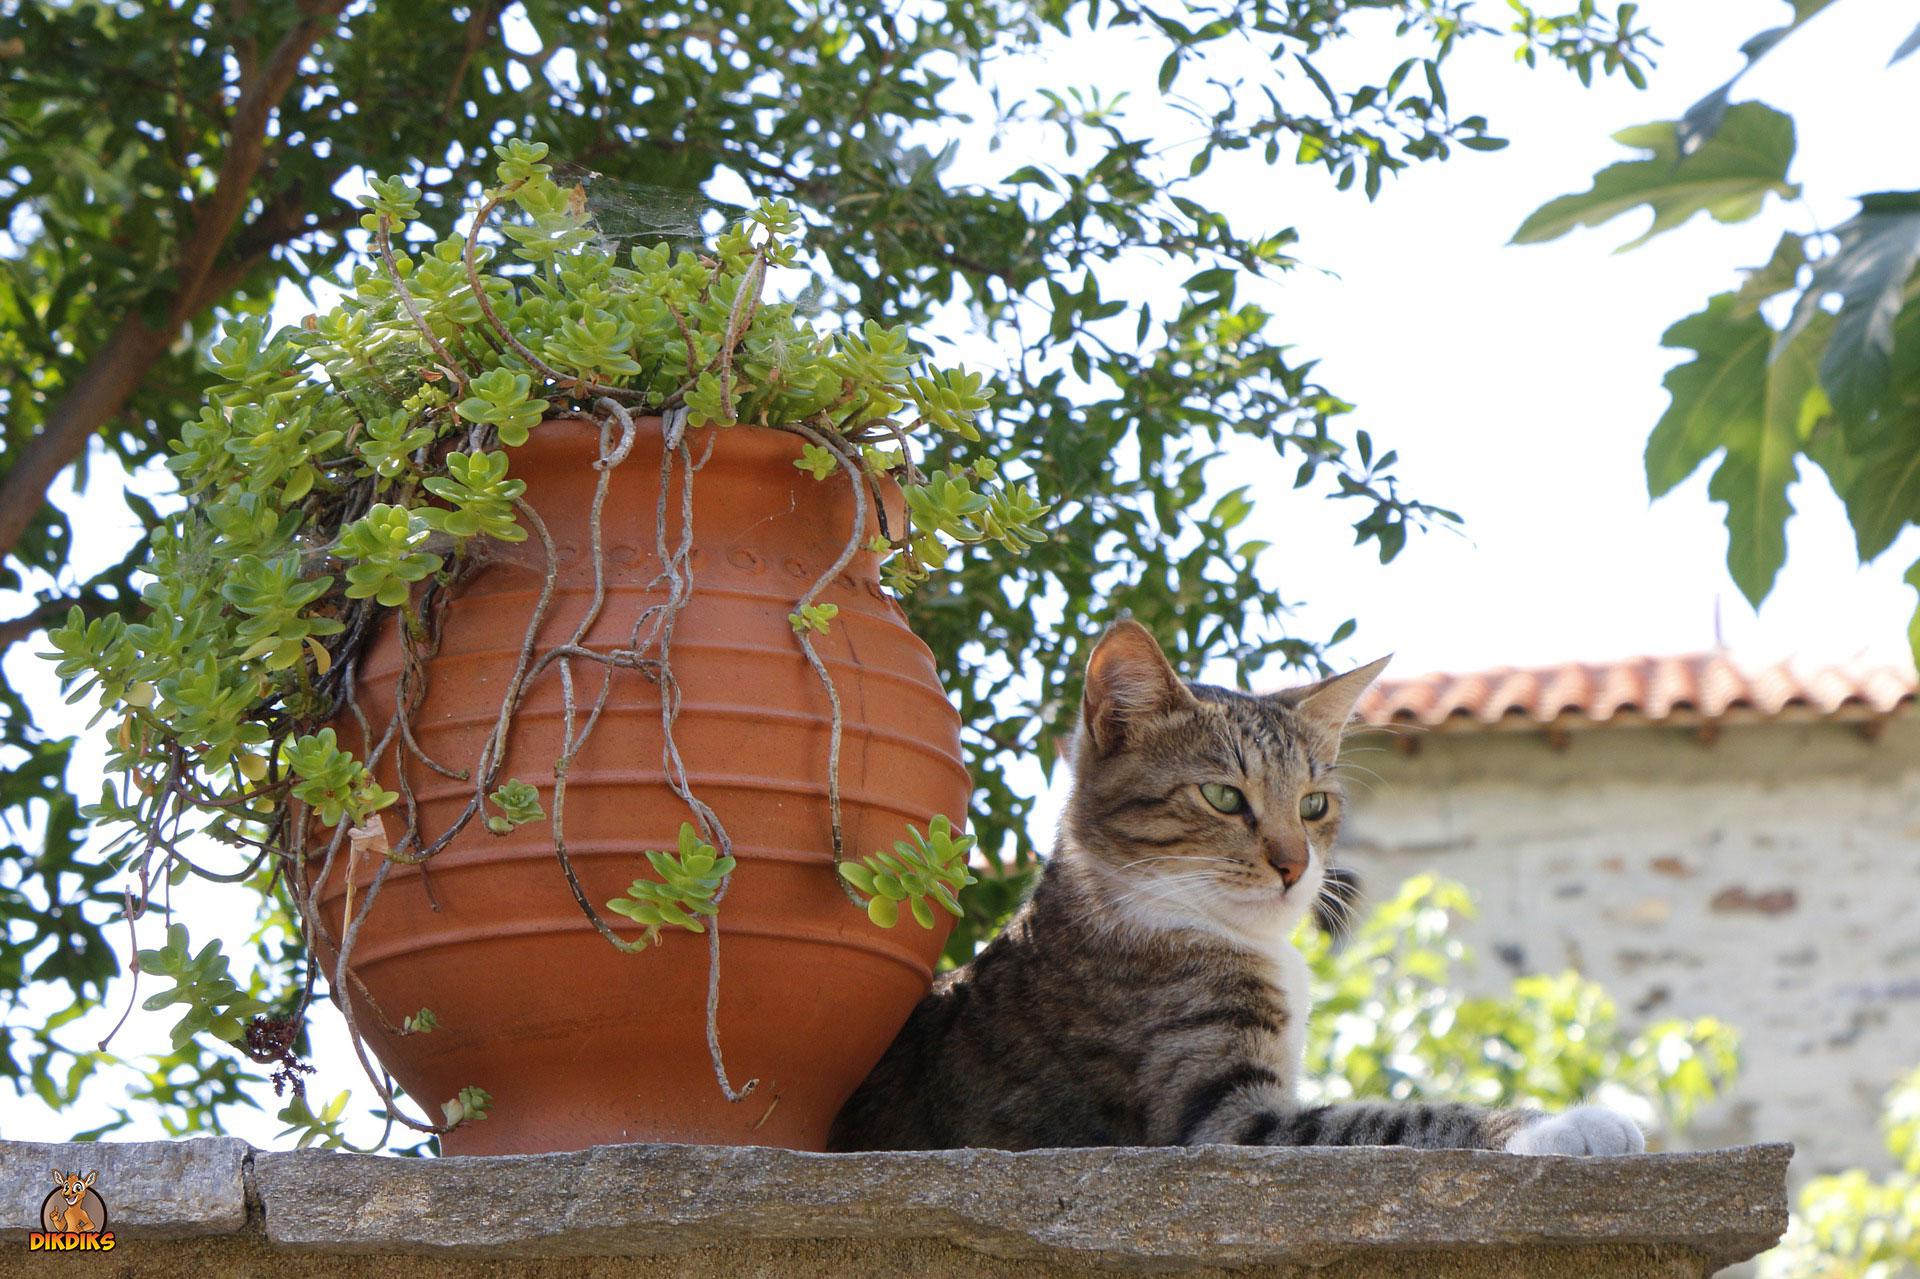 Katze-im-Urlaub-dabei